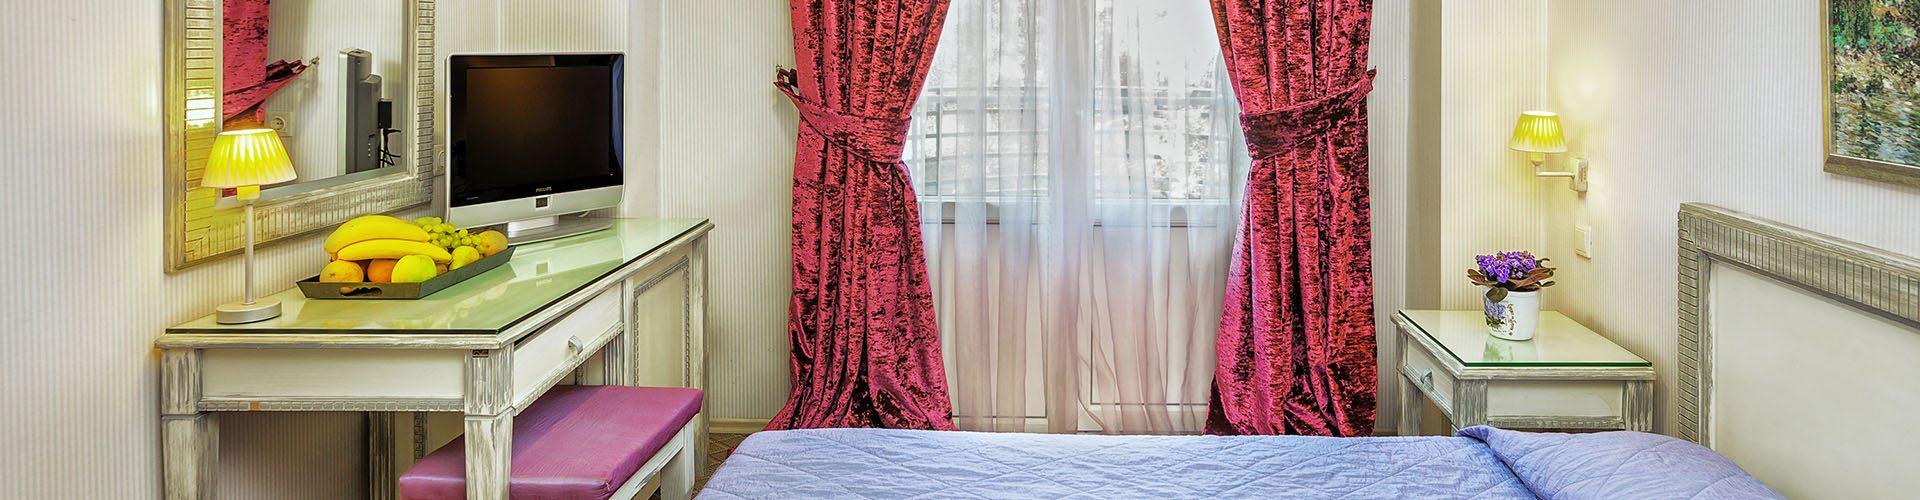 ξενοδοχεια θεσσαλονικη προσφορες - egnatia hotel